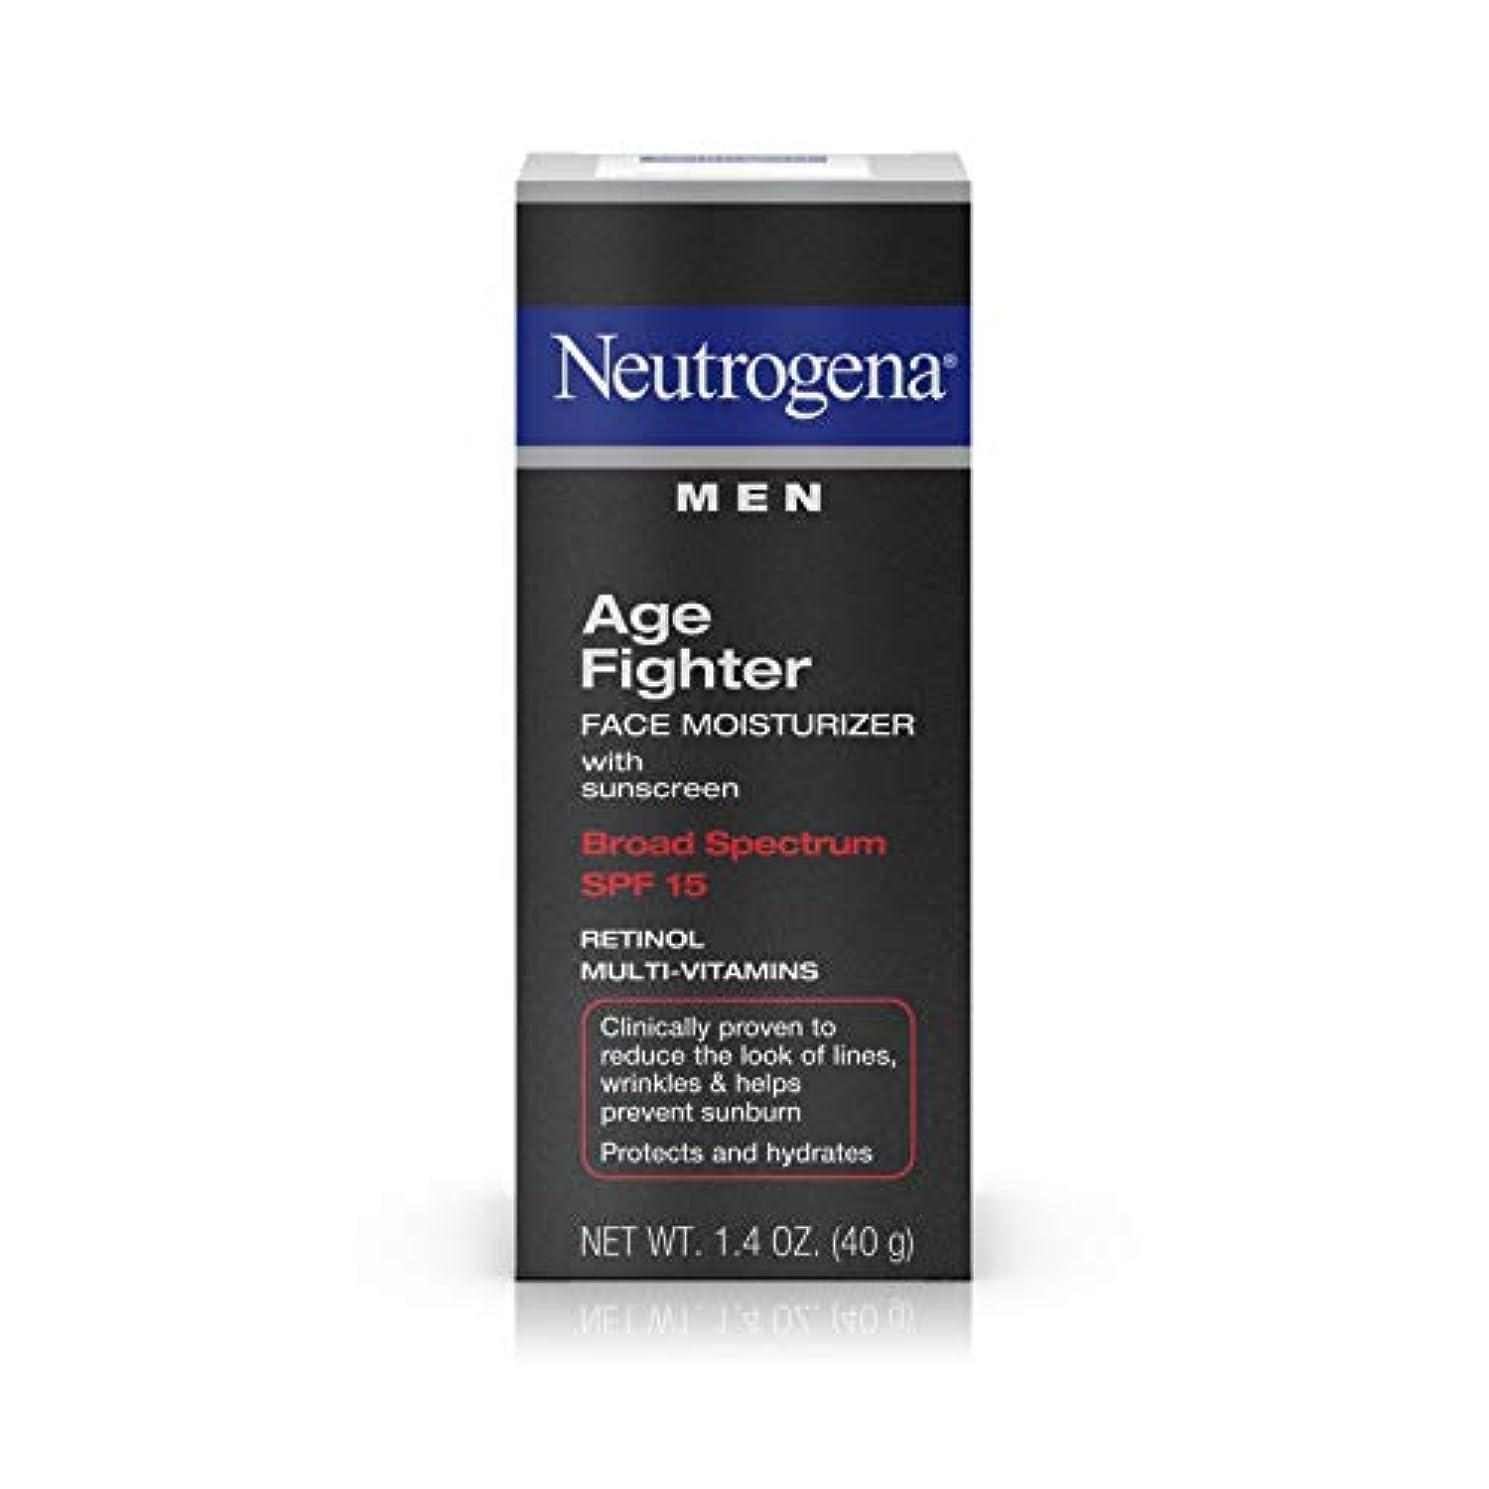 巡礼者順応性のあるゲームNeutrogena Men Age Fighter Face Moisturizer with sunscreen SPF 15 1.4oz.(40g) 男性用ニュートロジーナ メン エイジ ファイター フェイス モイスチャライザー